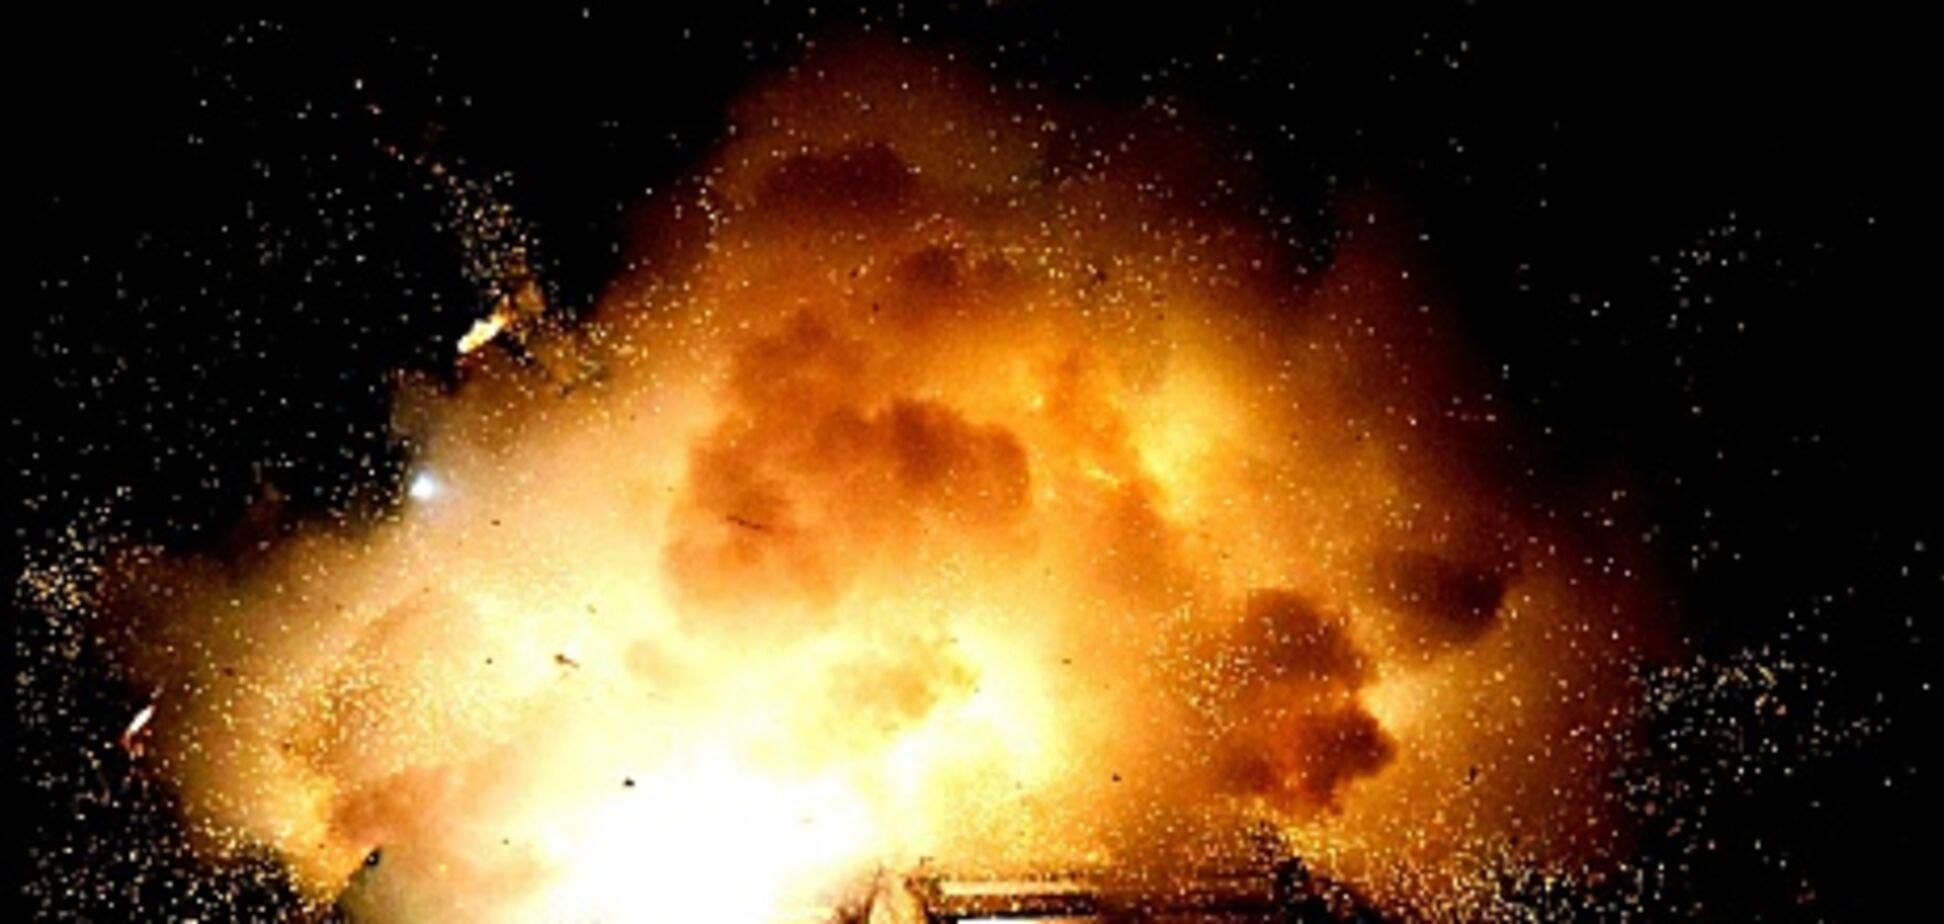 У террористов 'ДНР' произошло масштабное ЧП под Донецком: подробности